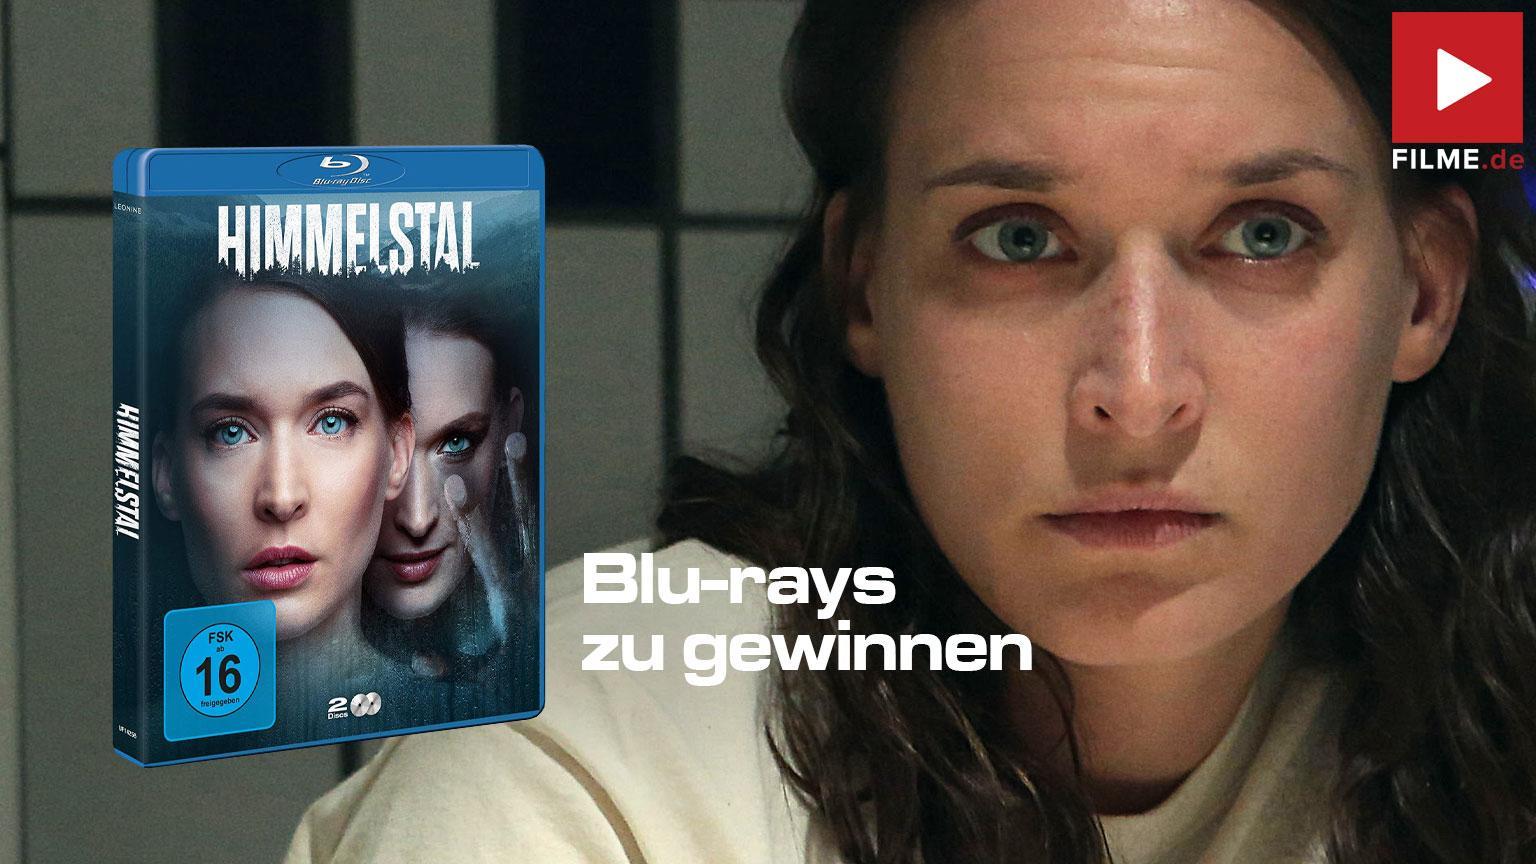 Gewinnspiel Himmelstal Serie 2020 gewinnen Blu-ray DVD shop kaufen Artikelbild